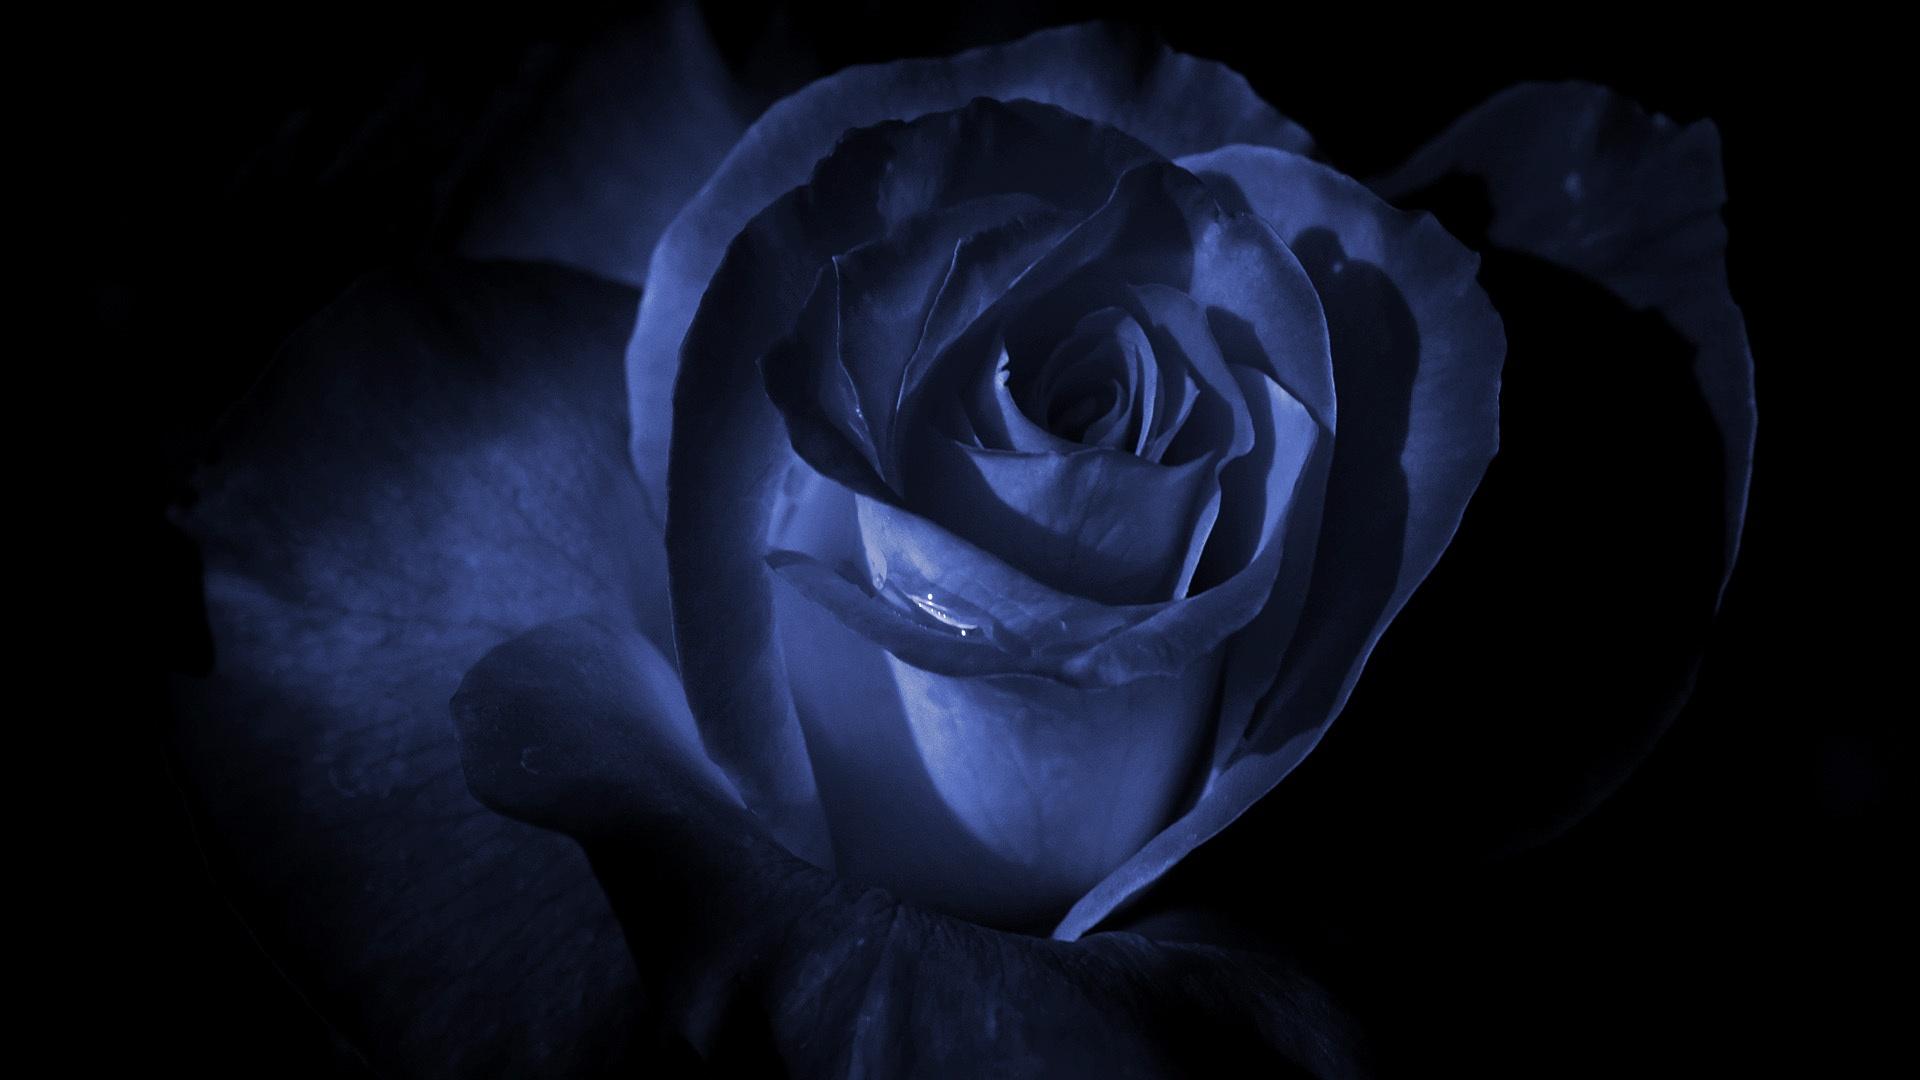 Обои на телефон синие розы на черном фоне